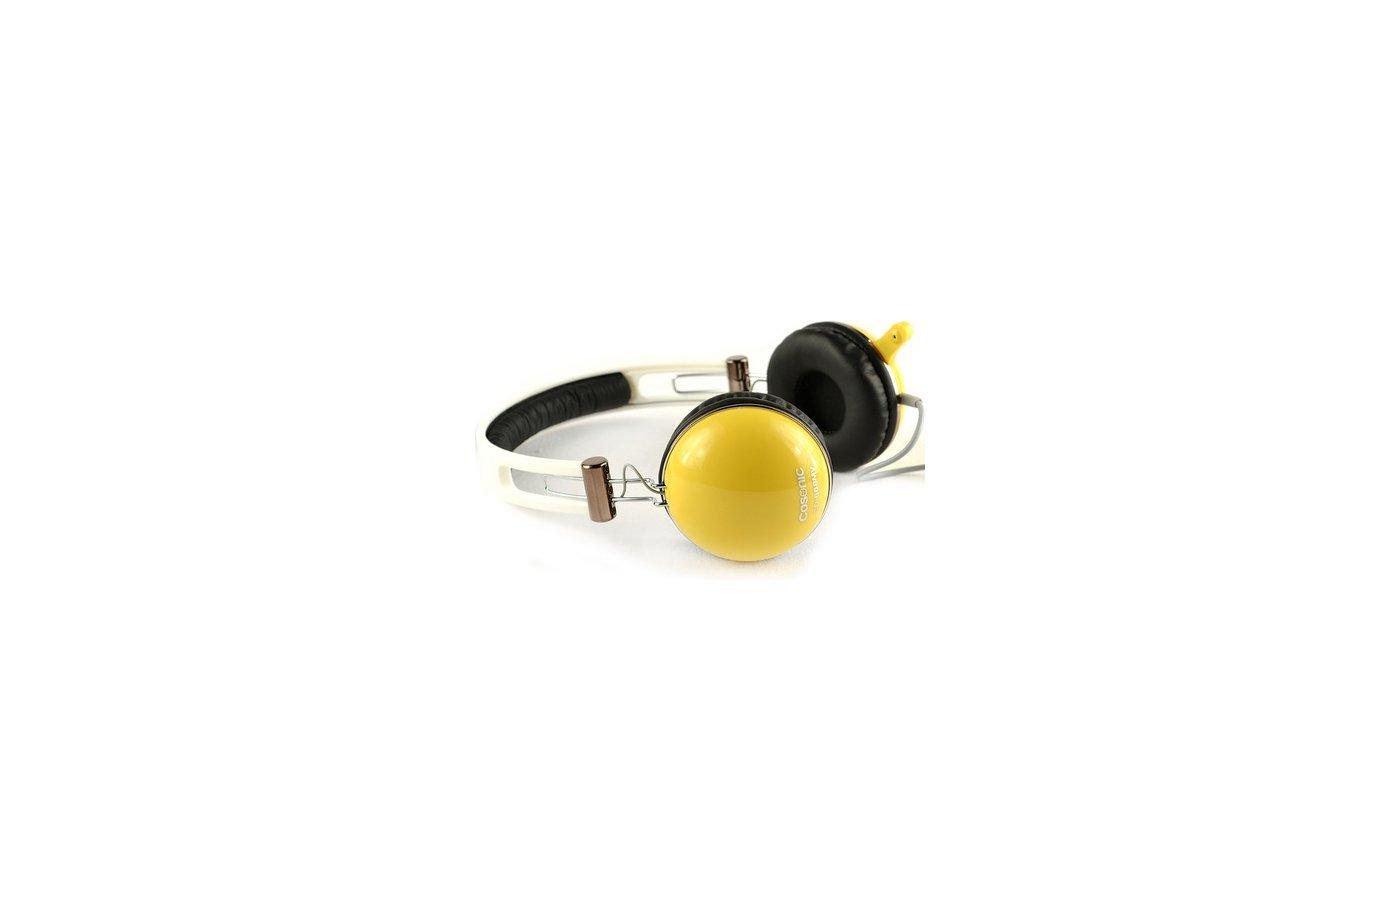 Наушники с микрофоном проводные COSONIC CD668MV Yellow